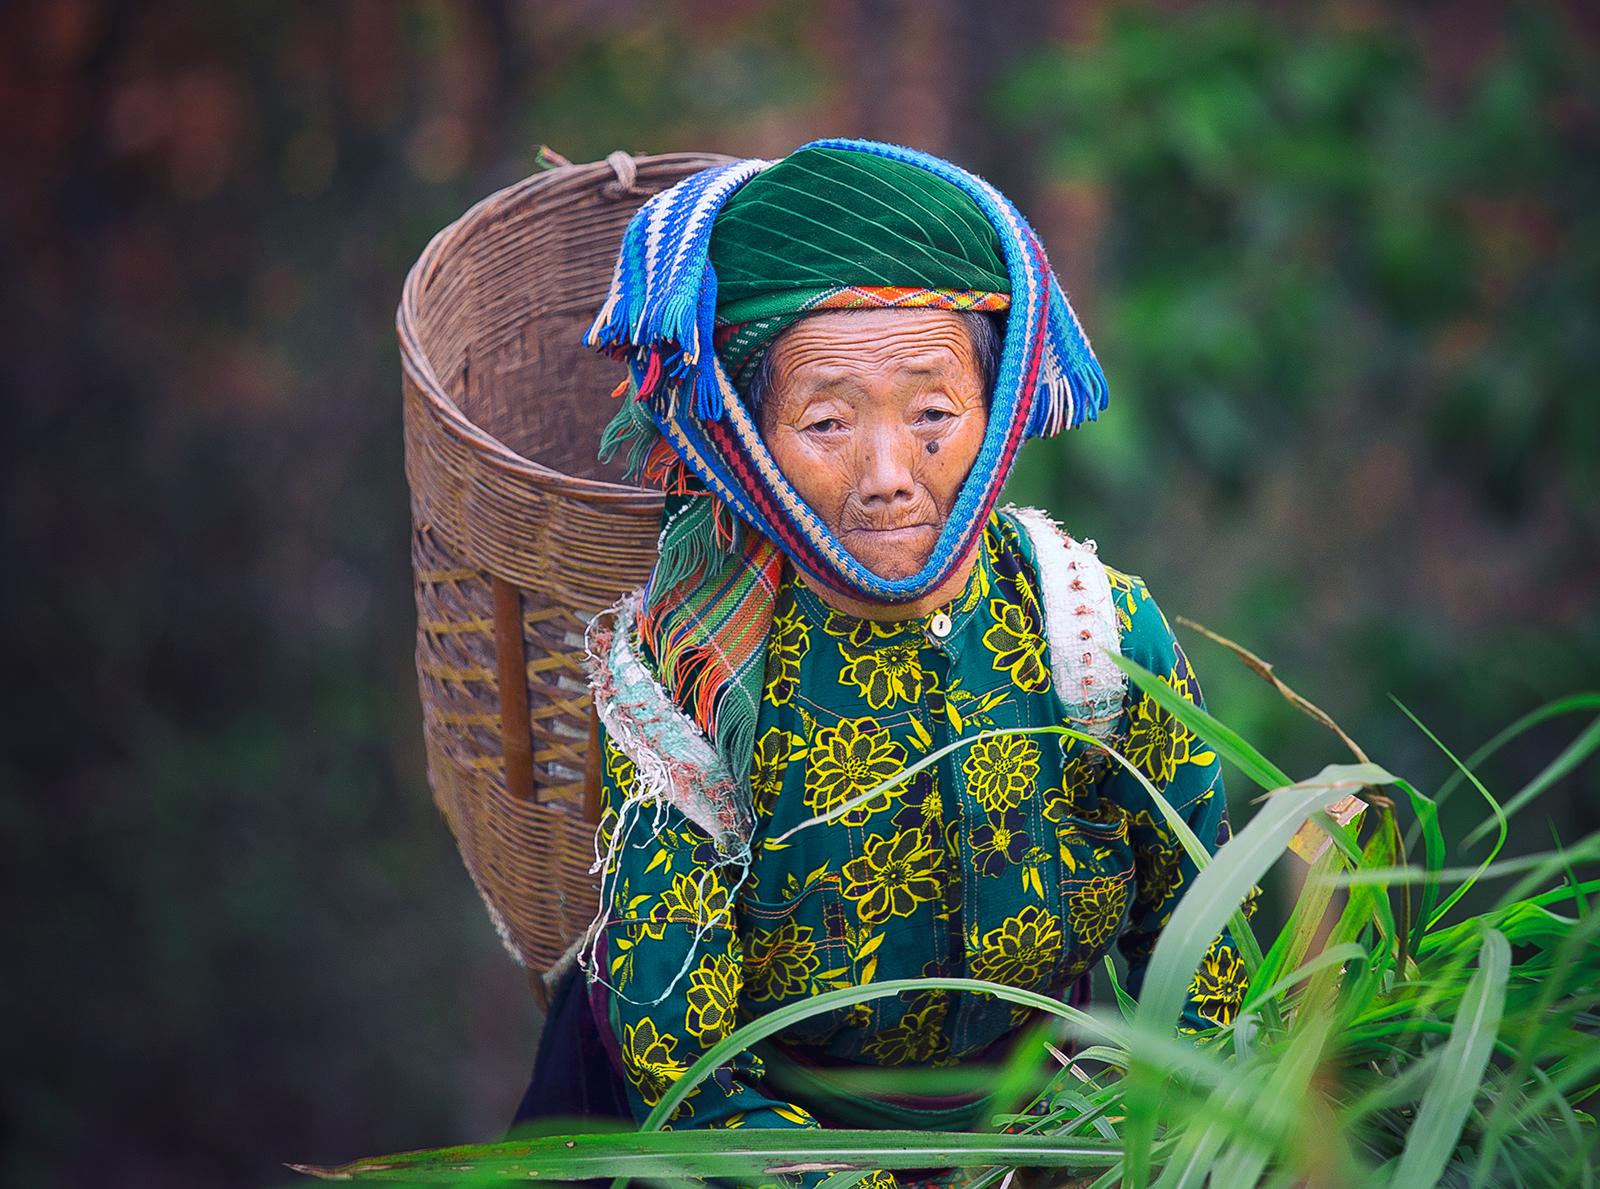 Rural life   Author Георги Георгиев - zeromx   PHOTO FORUM